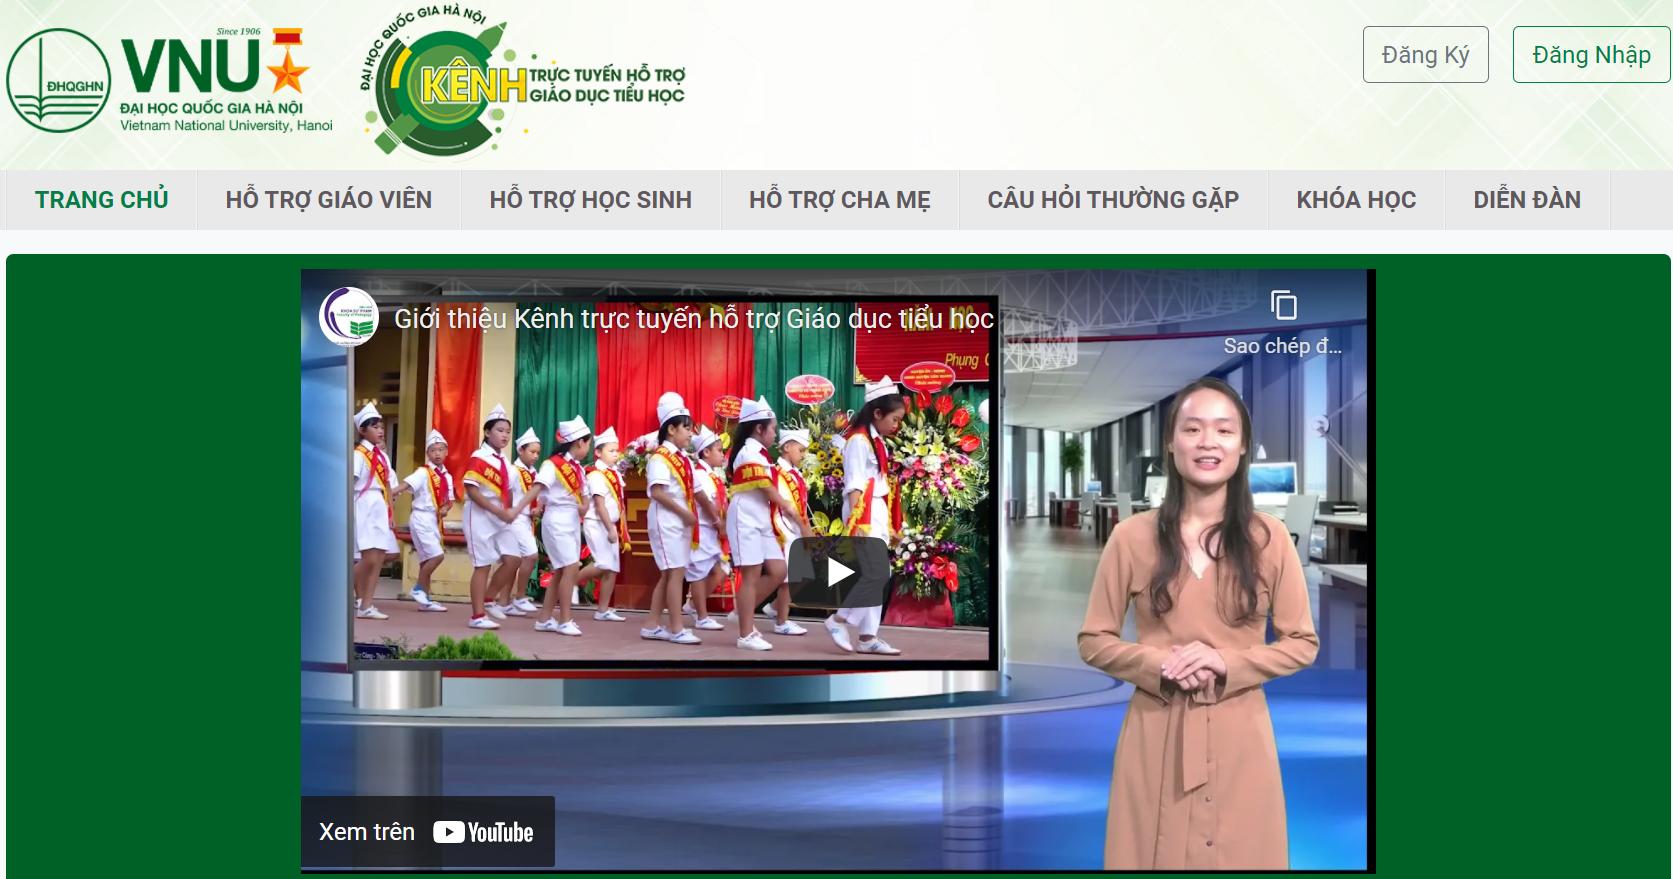 ĐH Quốc gia Hà Nội công bố Kênh trực tuyến hỗ trợ giáo dục tiểu học